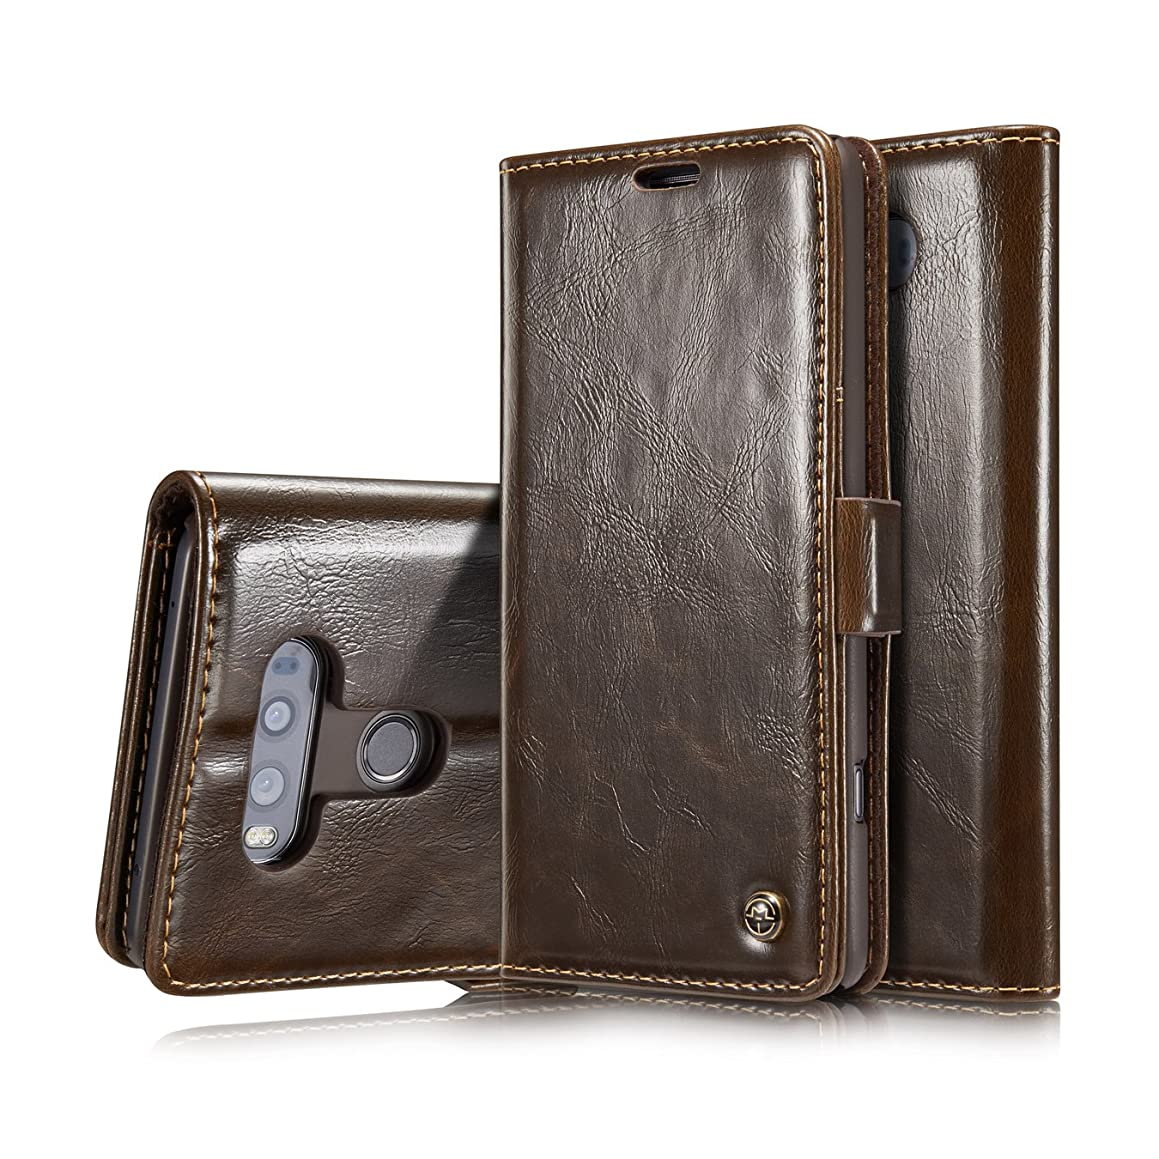 V20 Case,LG V20 Wallet Case,AKHVRS Slim Premium Leather Magnet Cover Wallet Leather Case Flip Cover Folio Case [Card Slot][Wallet][Magnetic Closure] for LG V20 (V20 Brown)